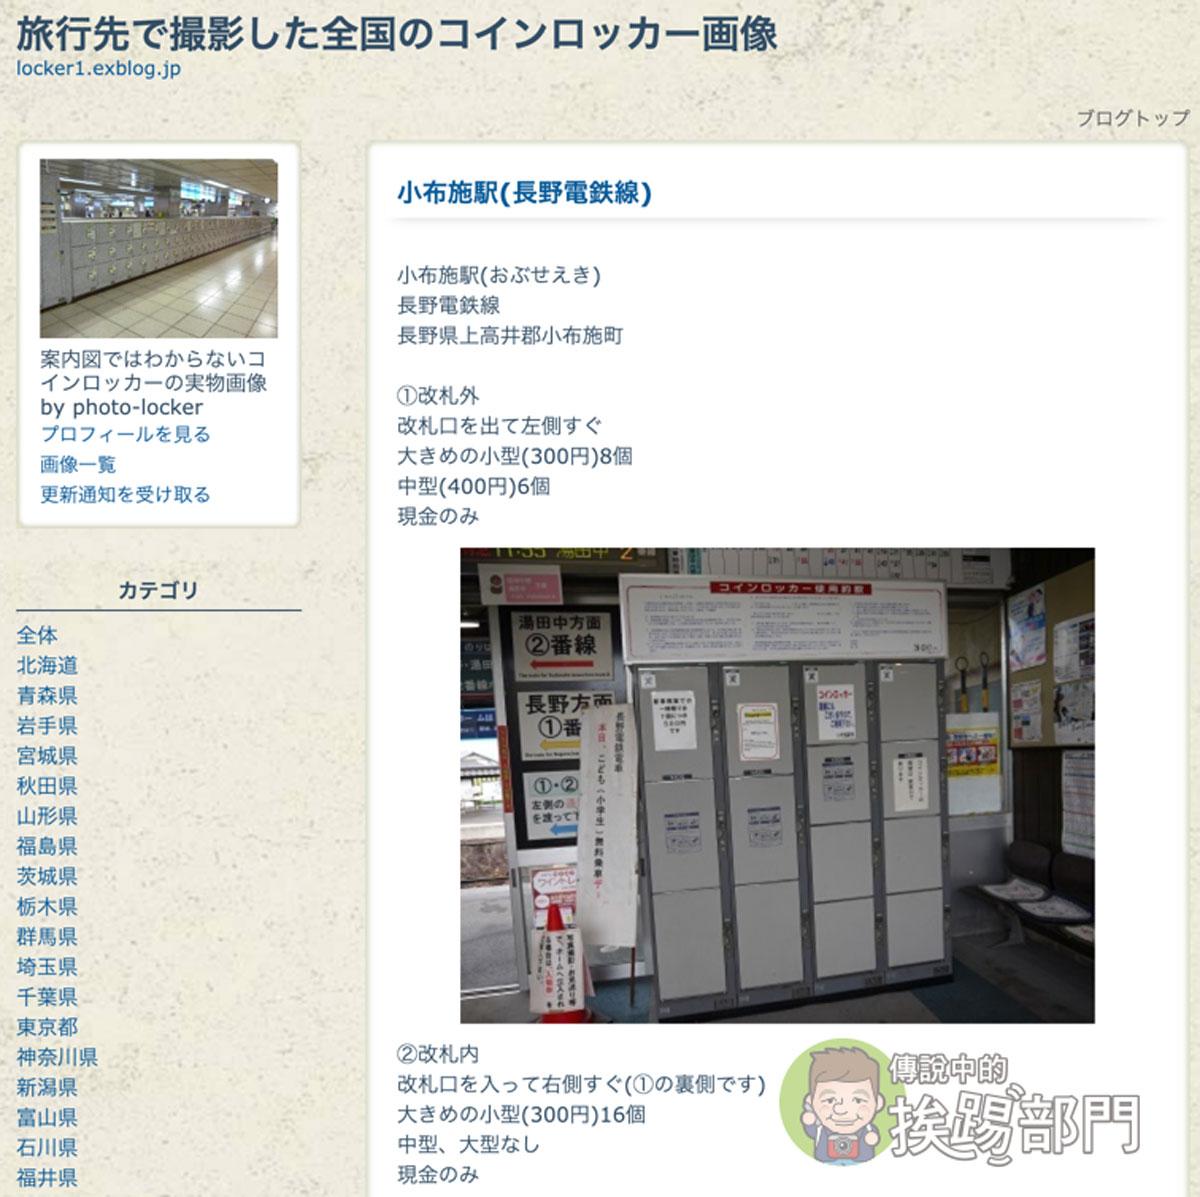 日本電車站行李查詢